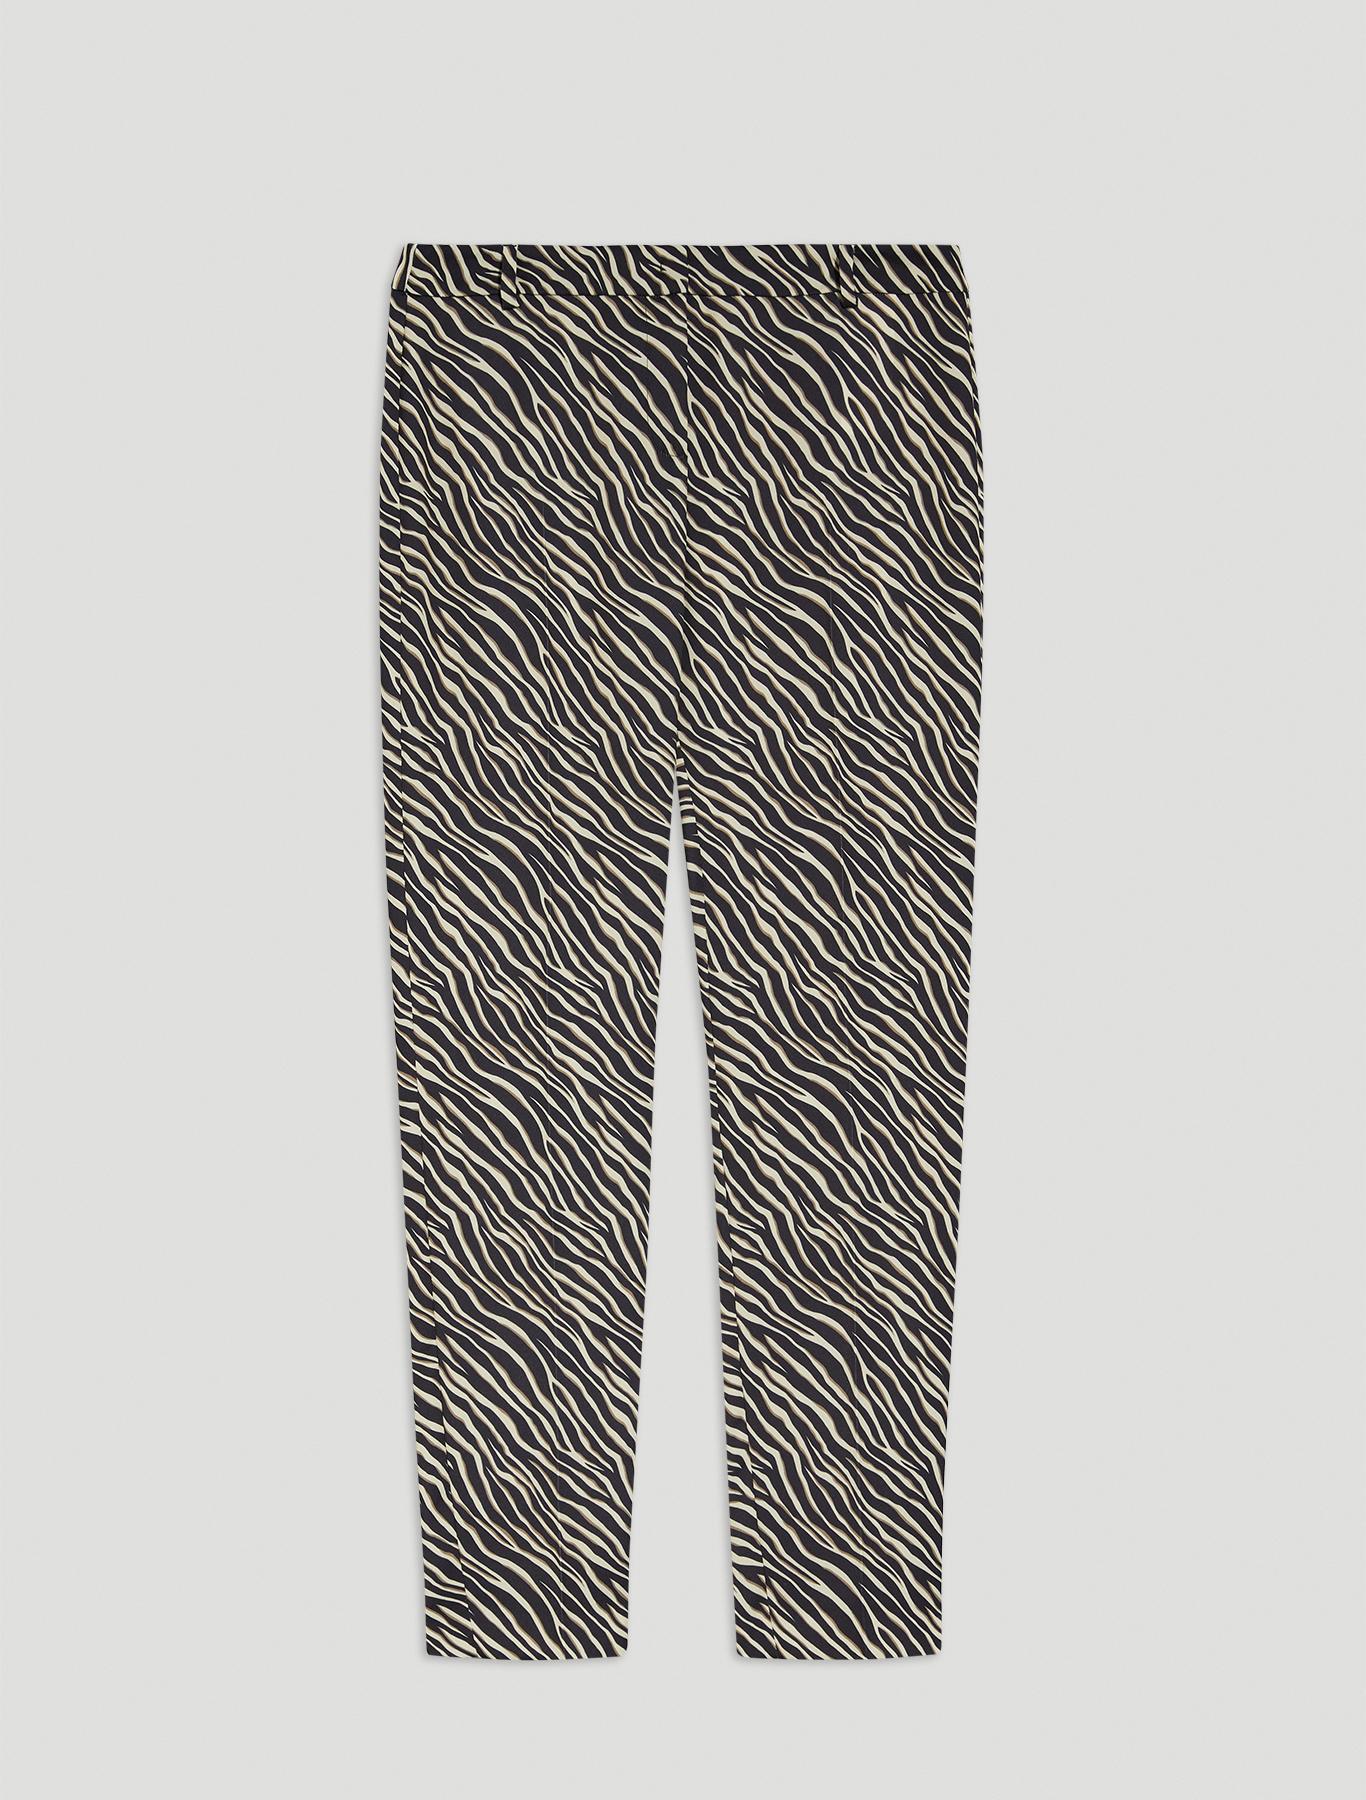 Envers satin trousers - dark brown pattern - pennyblack